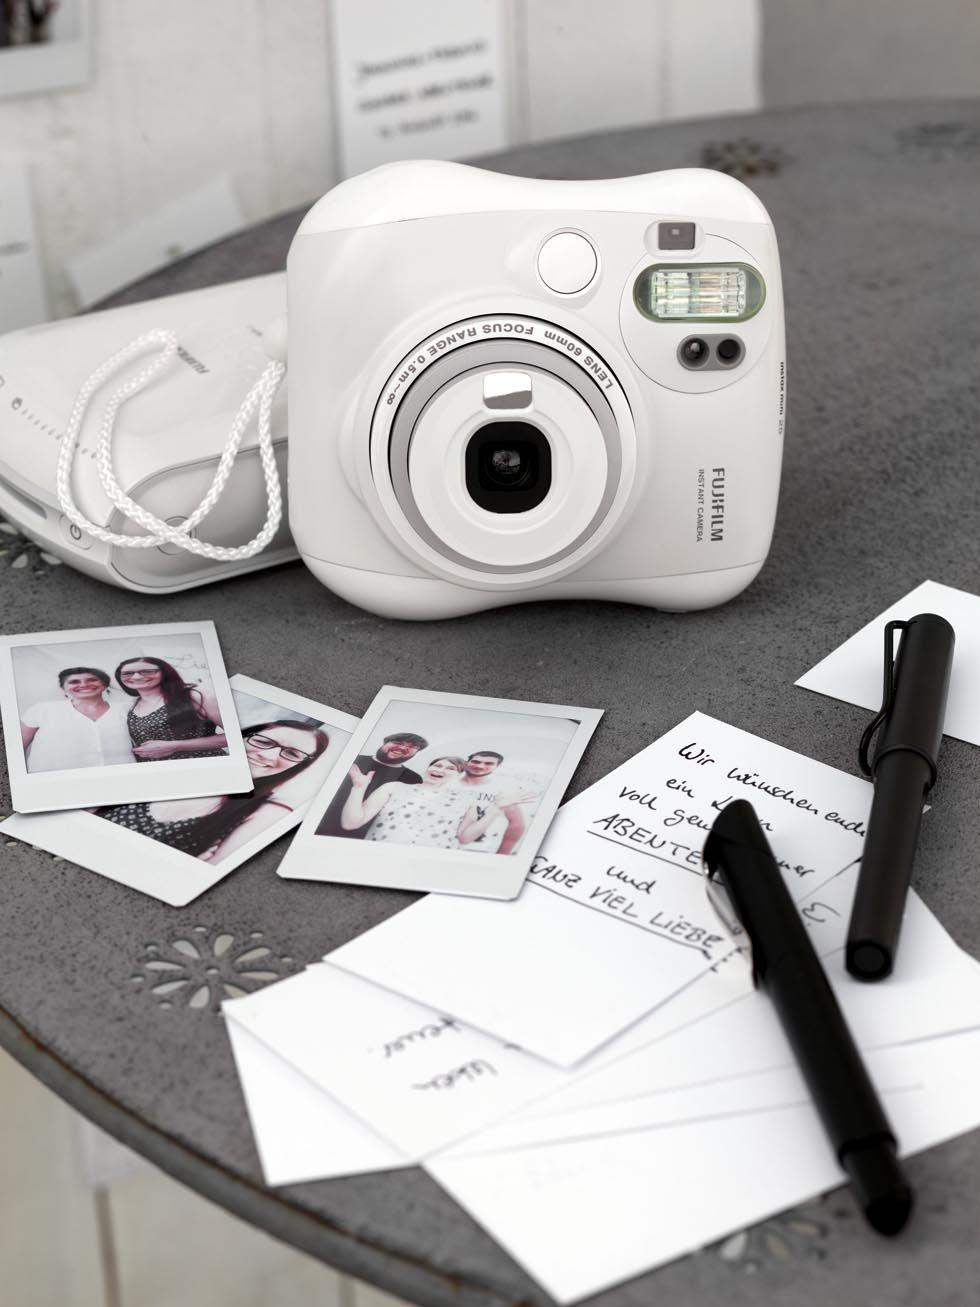 FotoGstebuch und Hochzeitsbilder mit Sofortbildkamera